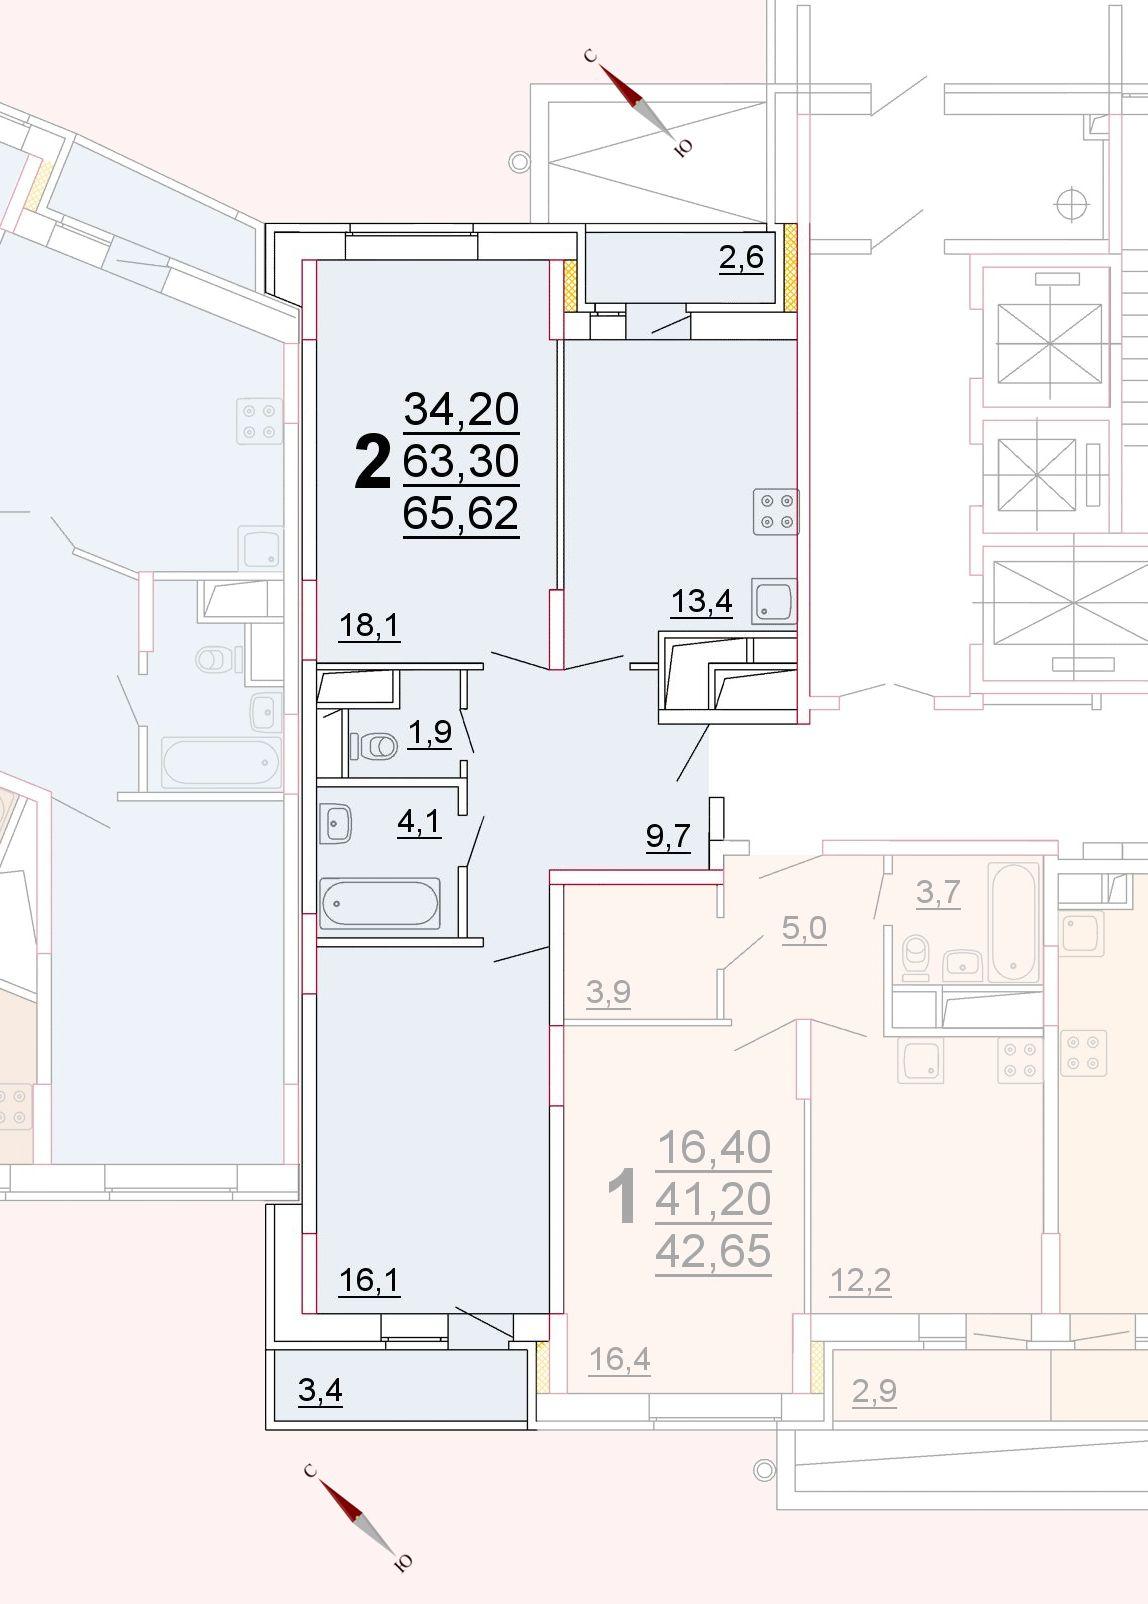 Микрорайон «Центральный», корпус 52г, секция 2, квартира 65,62 м2